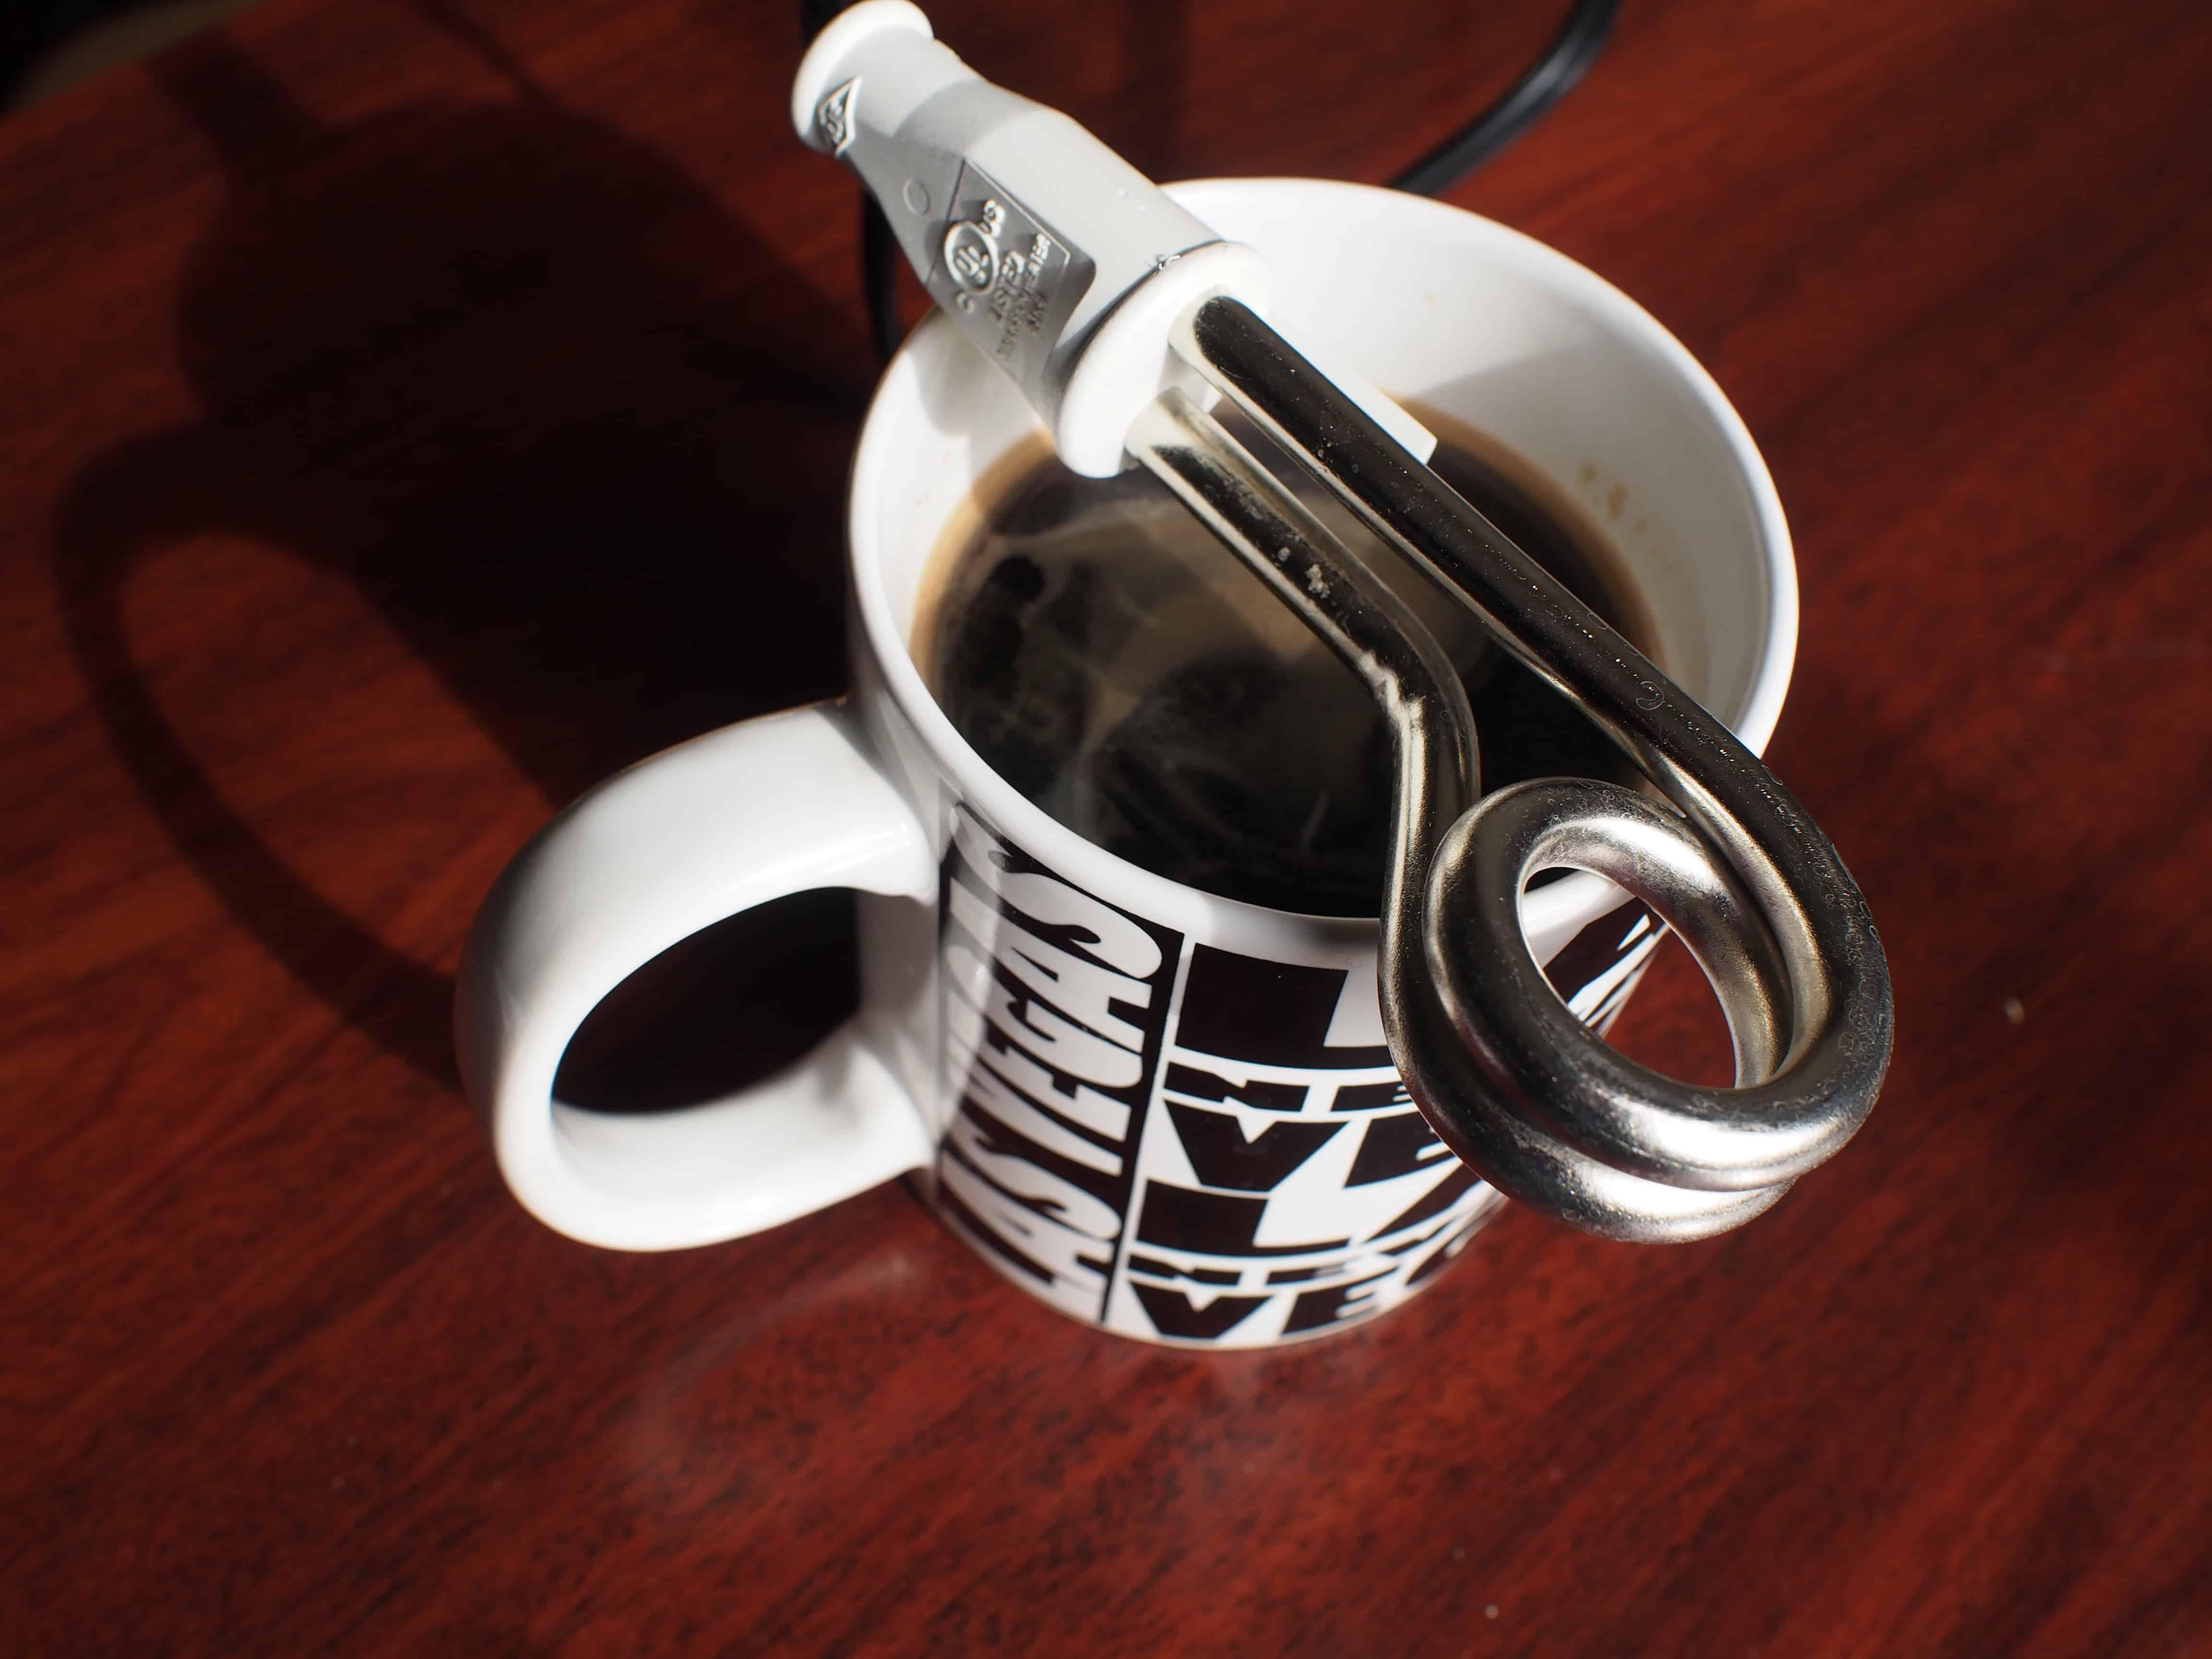 mon nouveau gadget essentiel en voyage un chauffe eau portable pascal forget. Black Bedroom Furniture Sets. Home Design Ideas